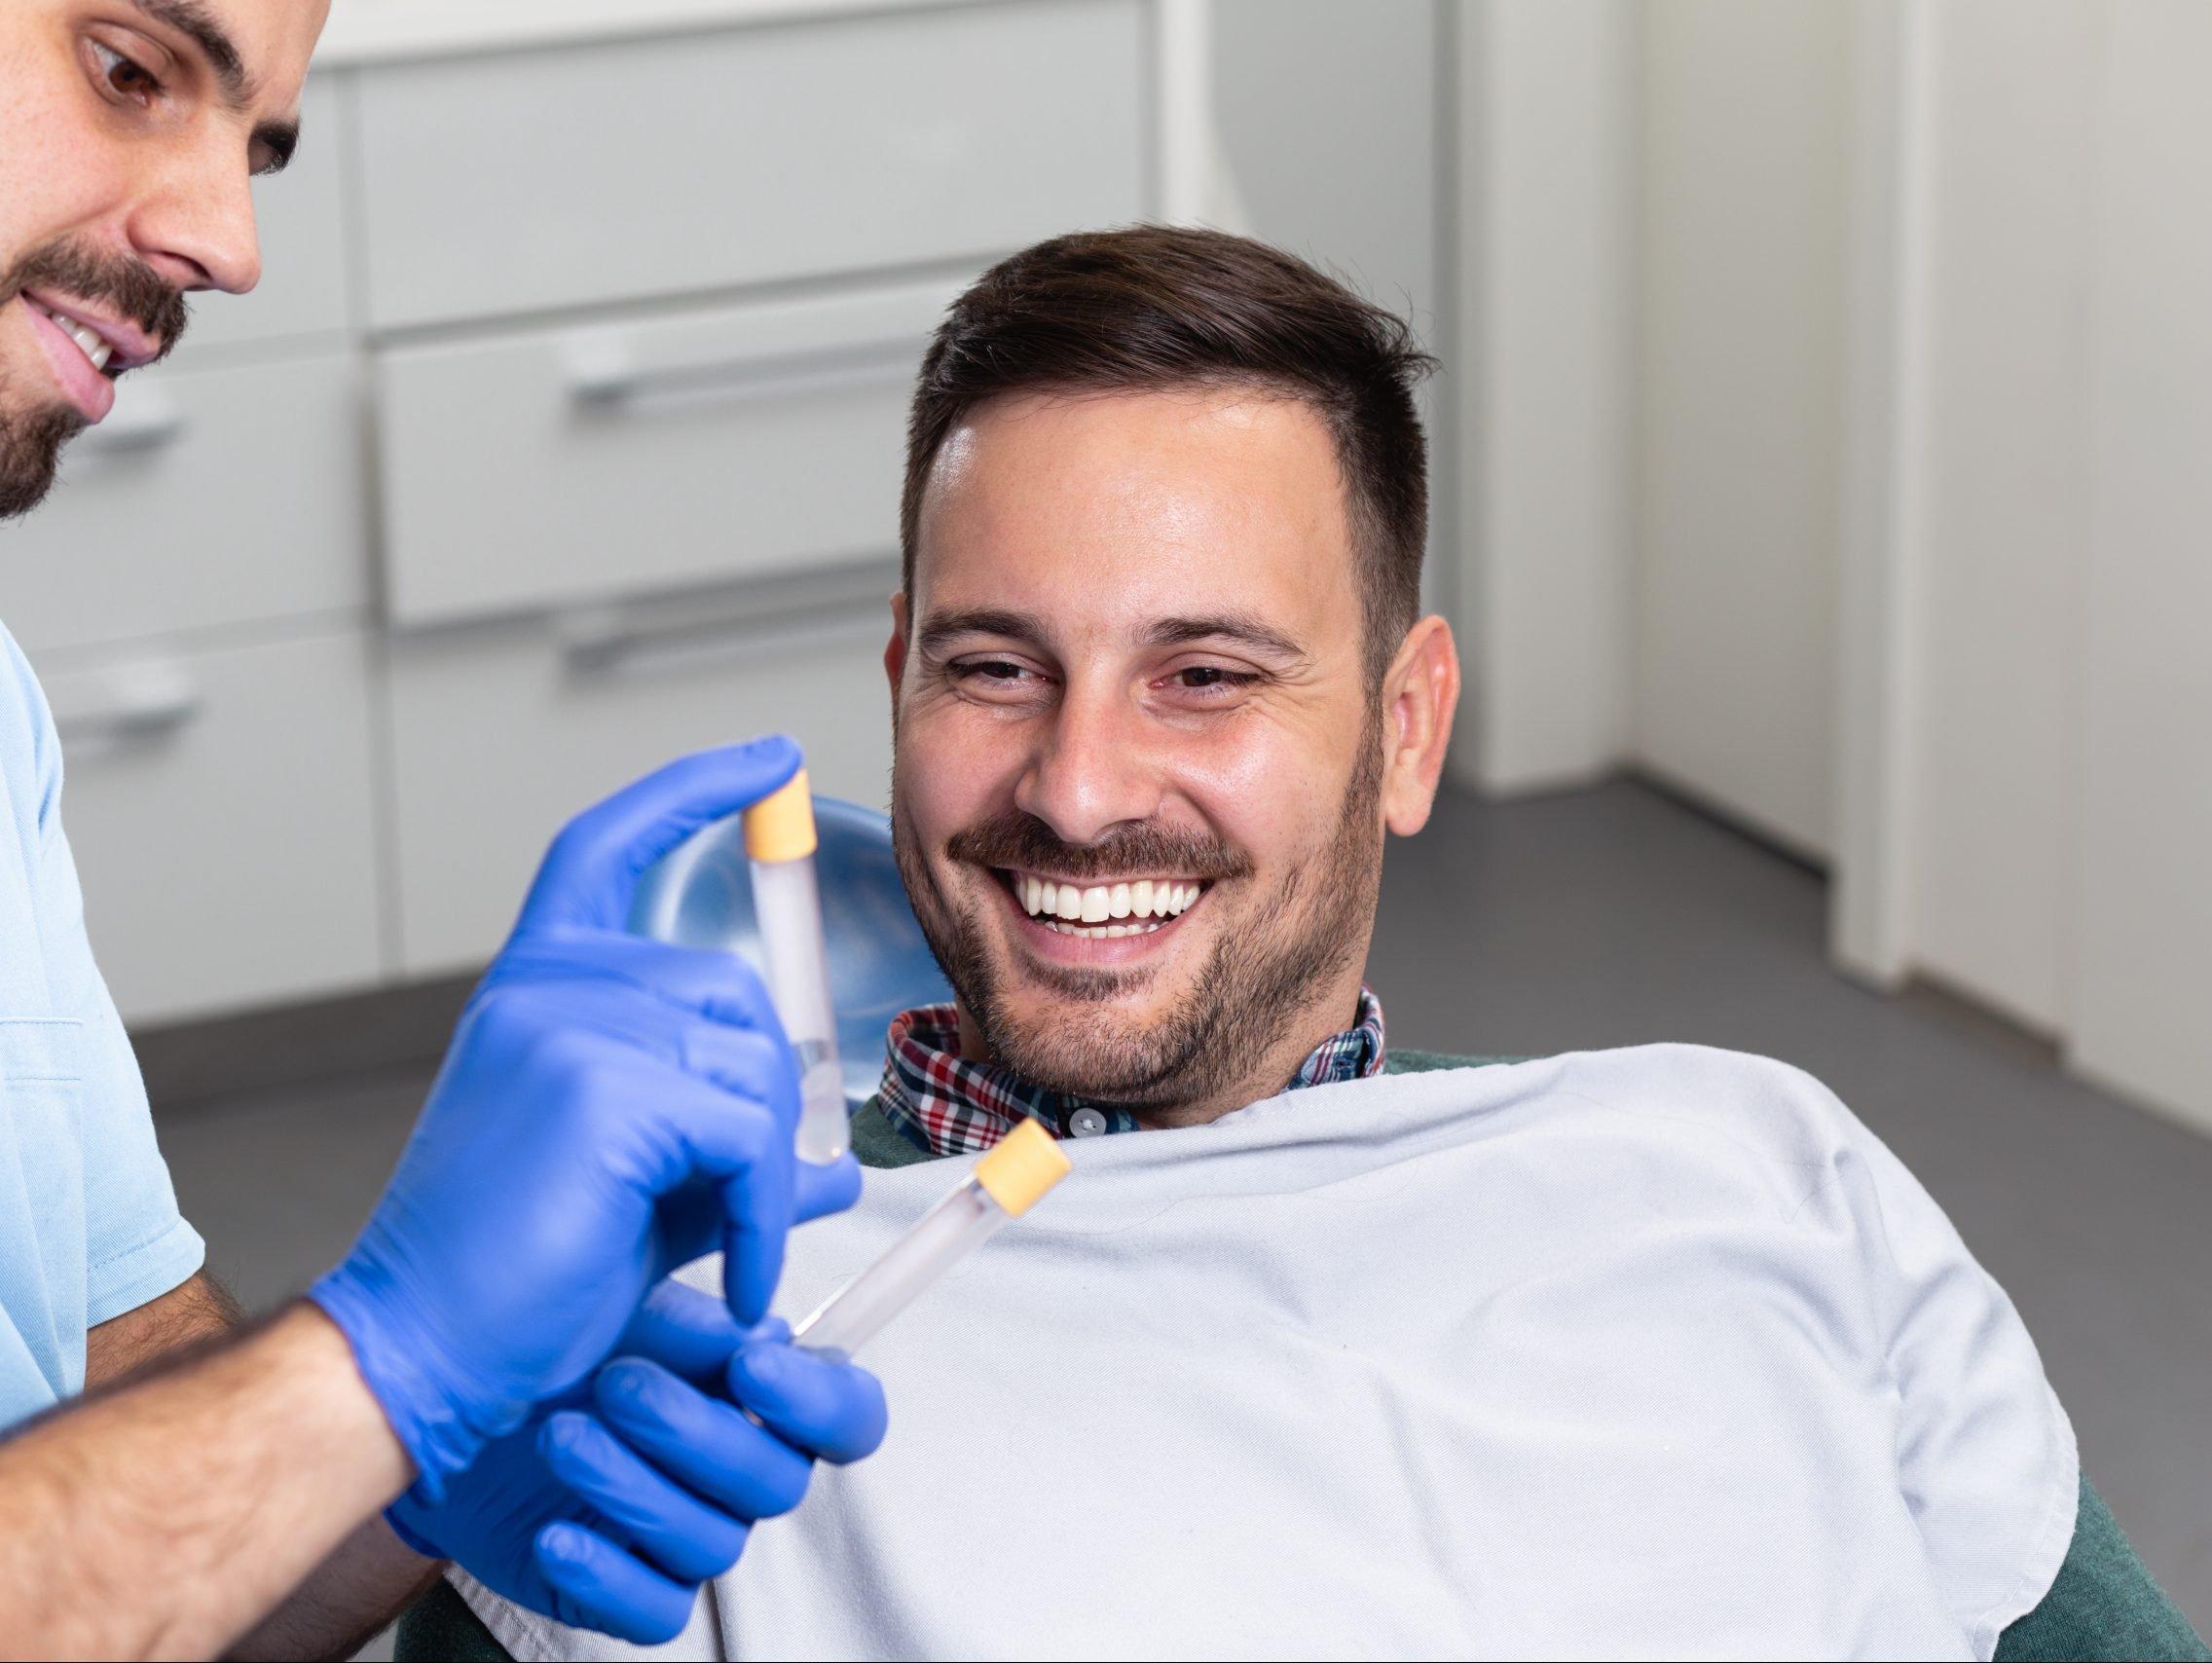 Man at beauty clinic